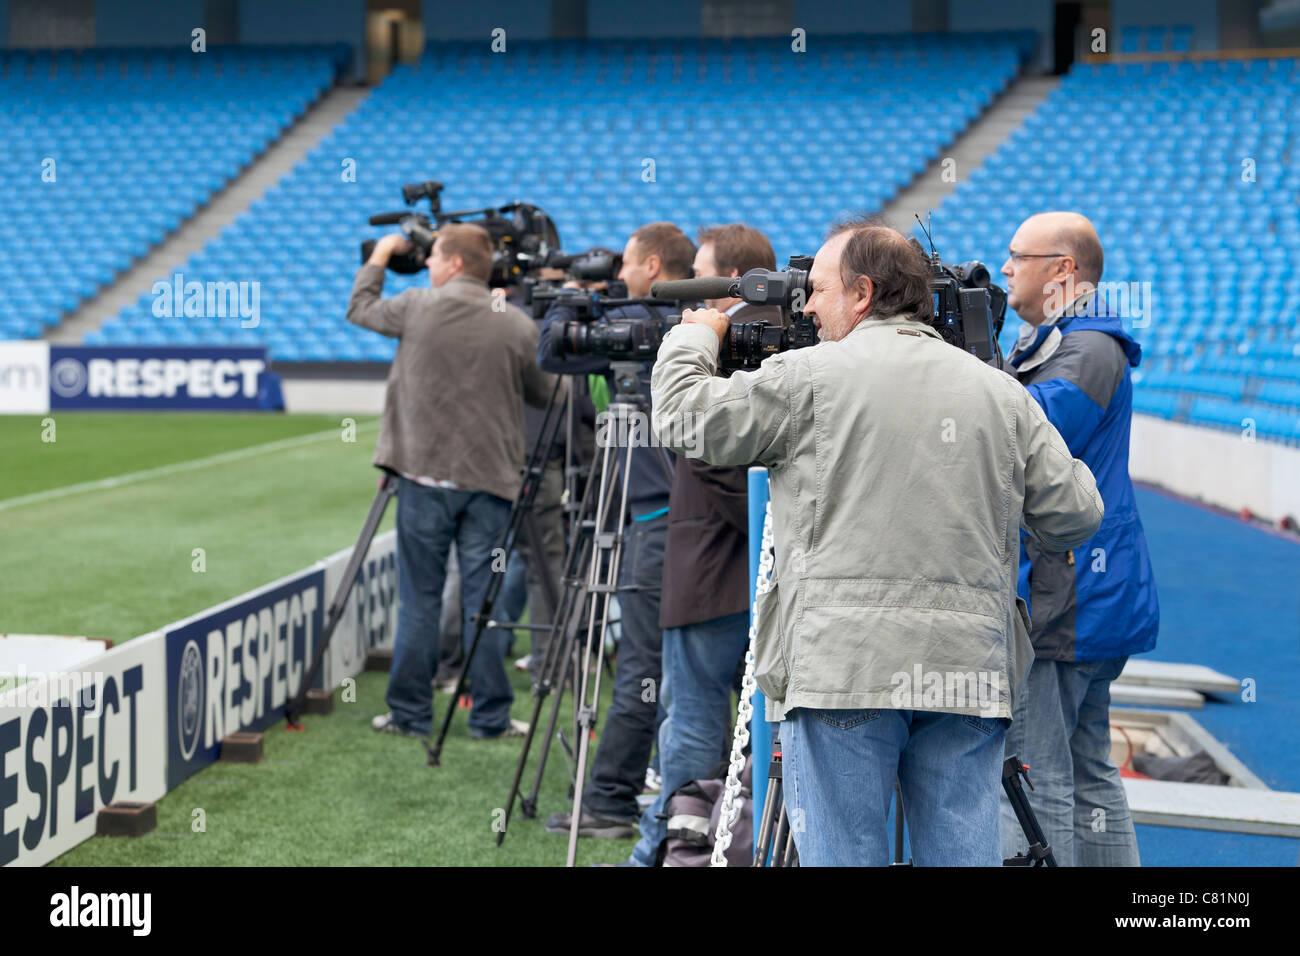 Cameramen filming a sport event, England - Stock Image